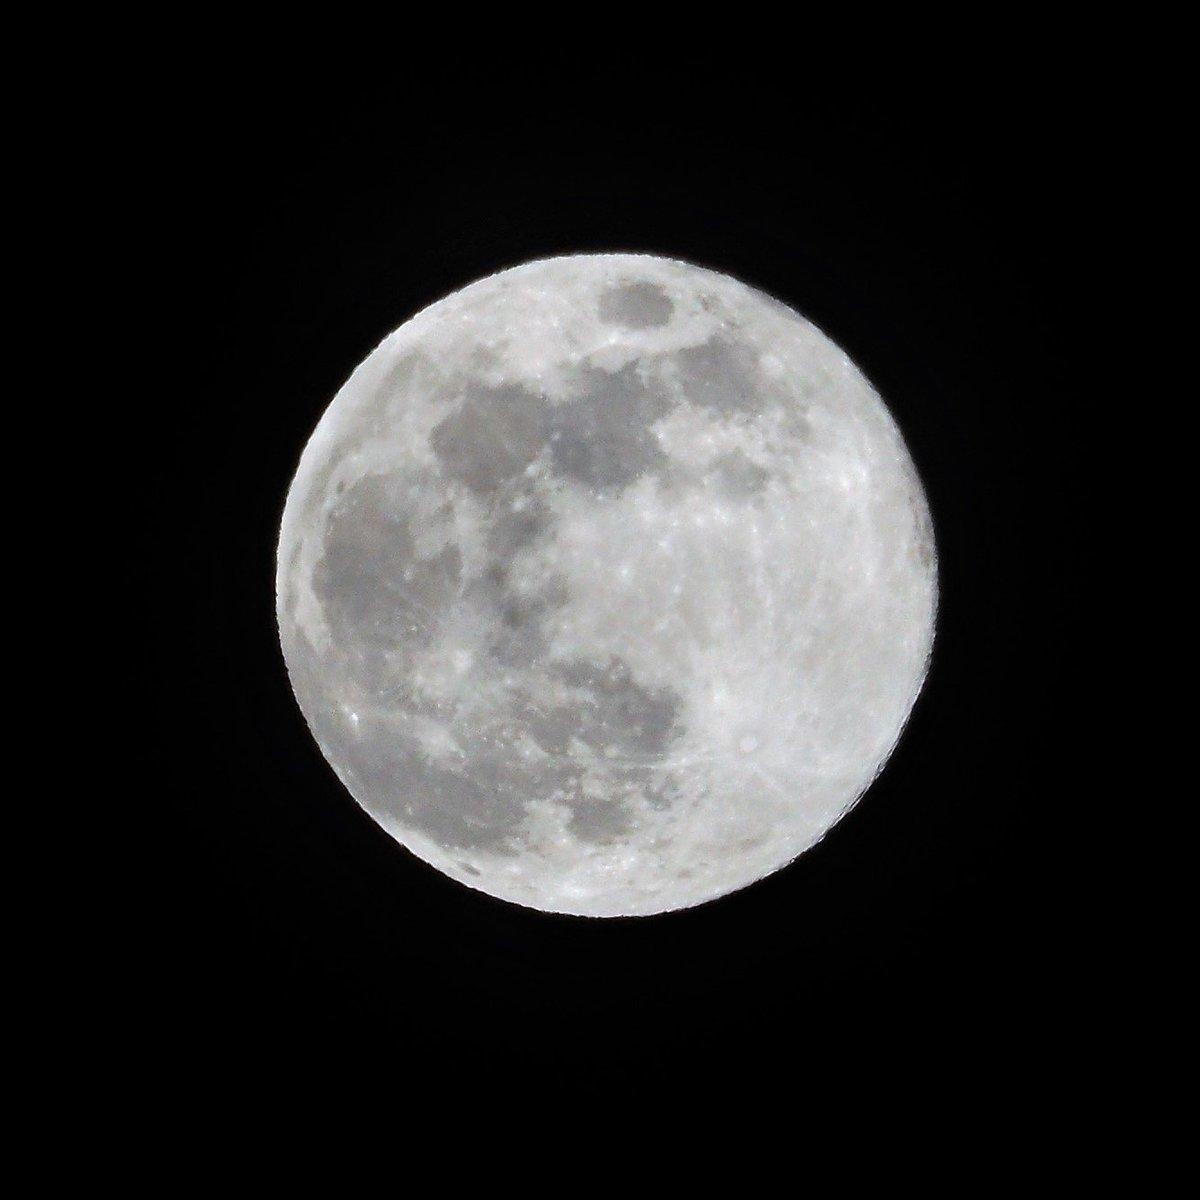 みなさん、平成最後の満月はご覧になりましたか? #平成最後の満月 #ピンクムーン